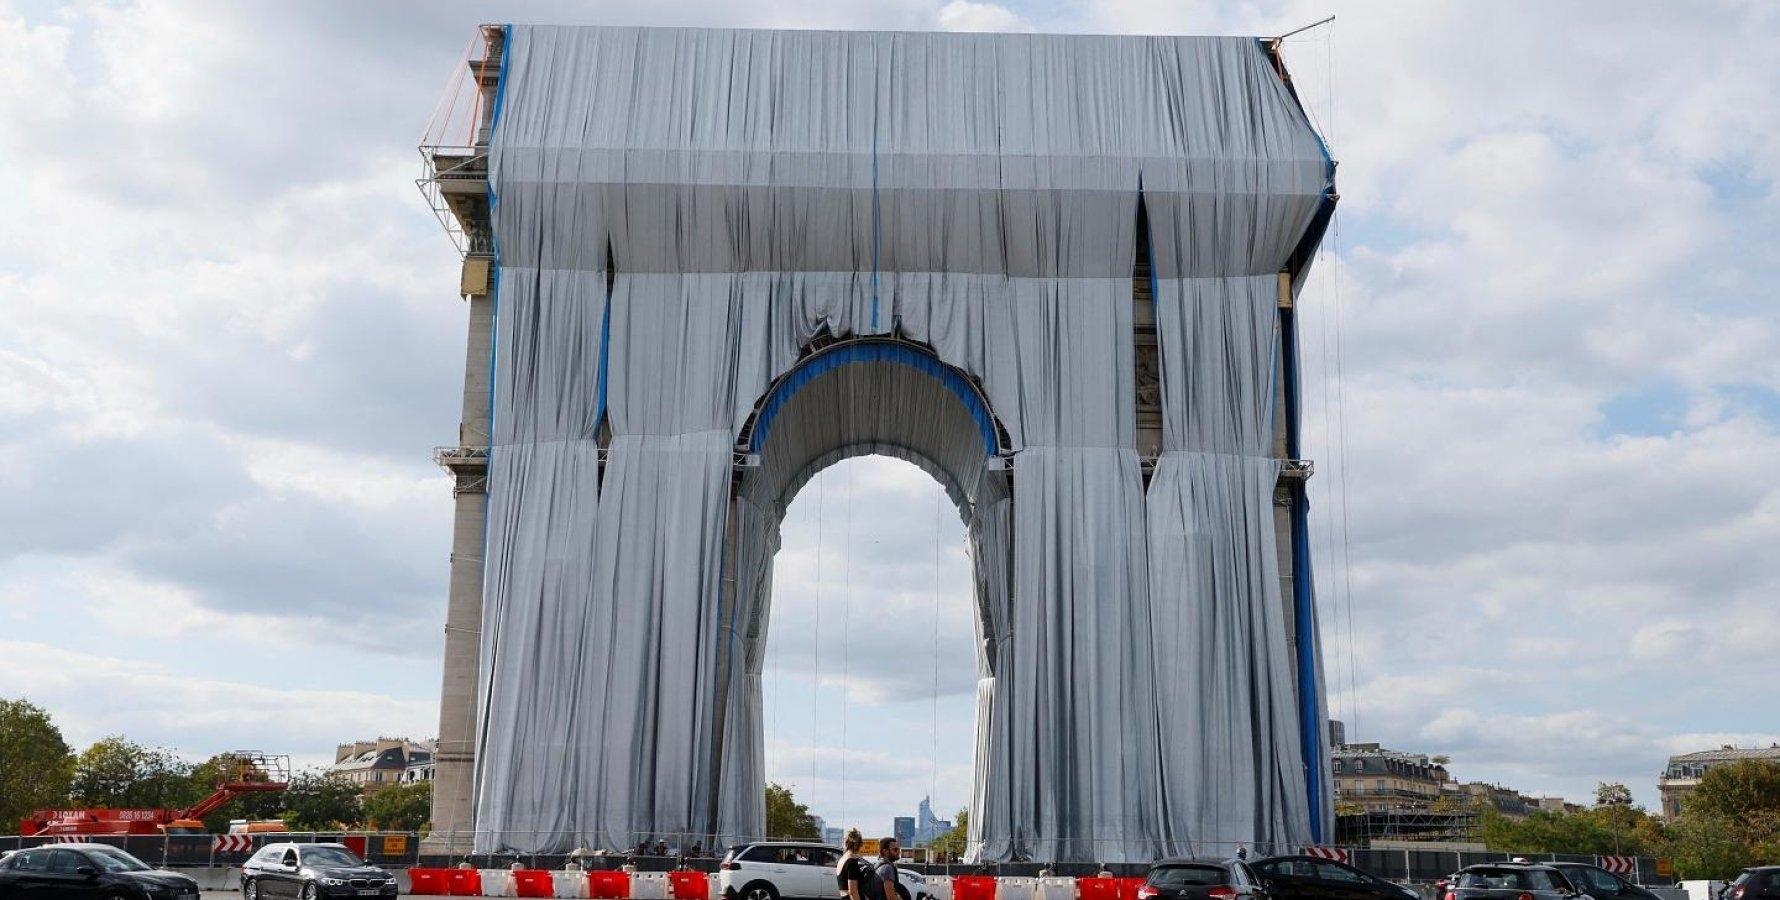 Исполняют последнюю волю художника Христо: Триумфальную арку в Париже обтягивают тканью (ФОТО) - фото №2